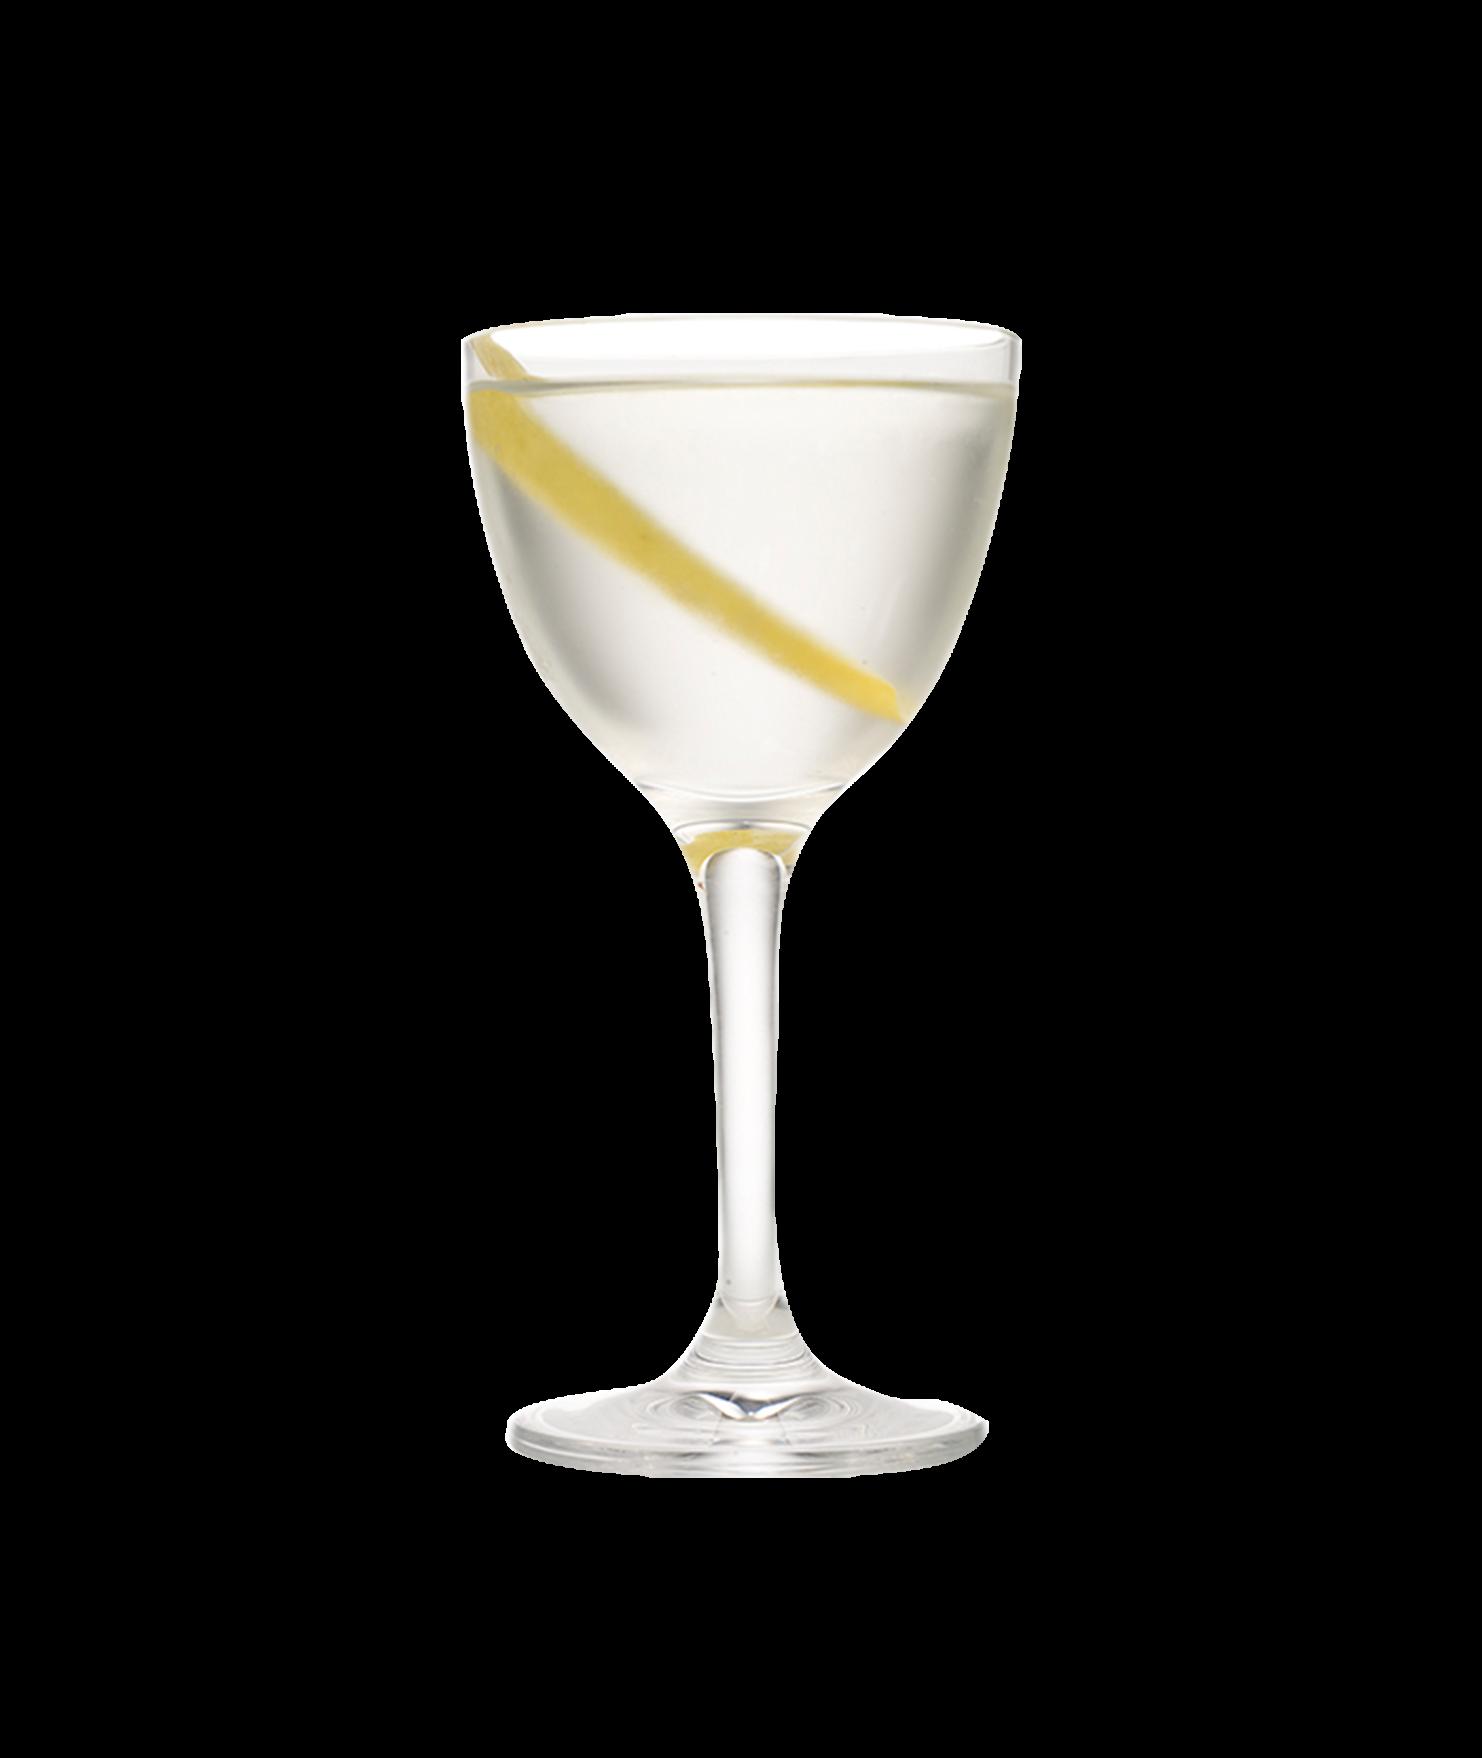 50/50 Martini Photo